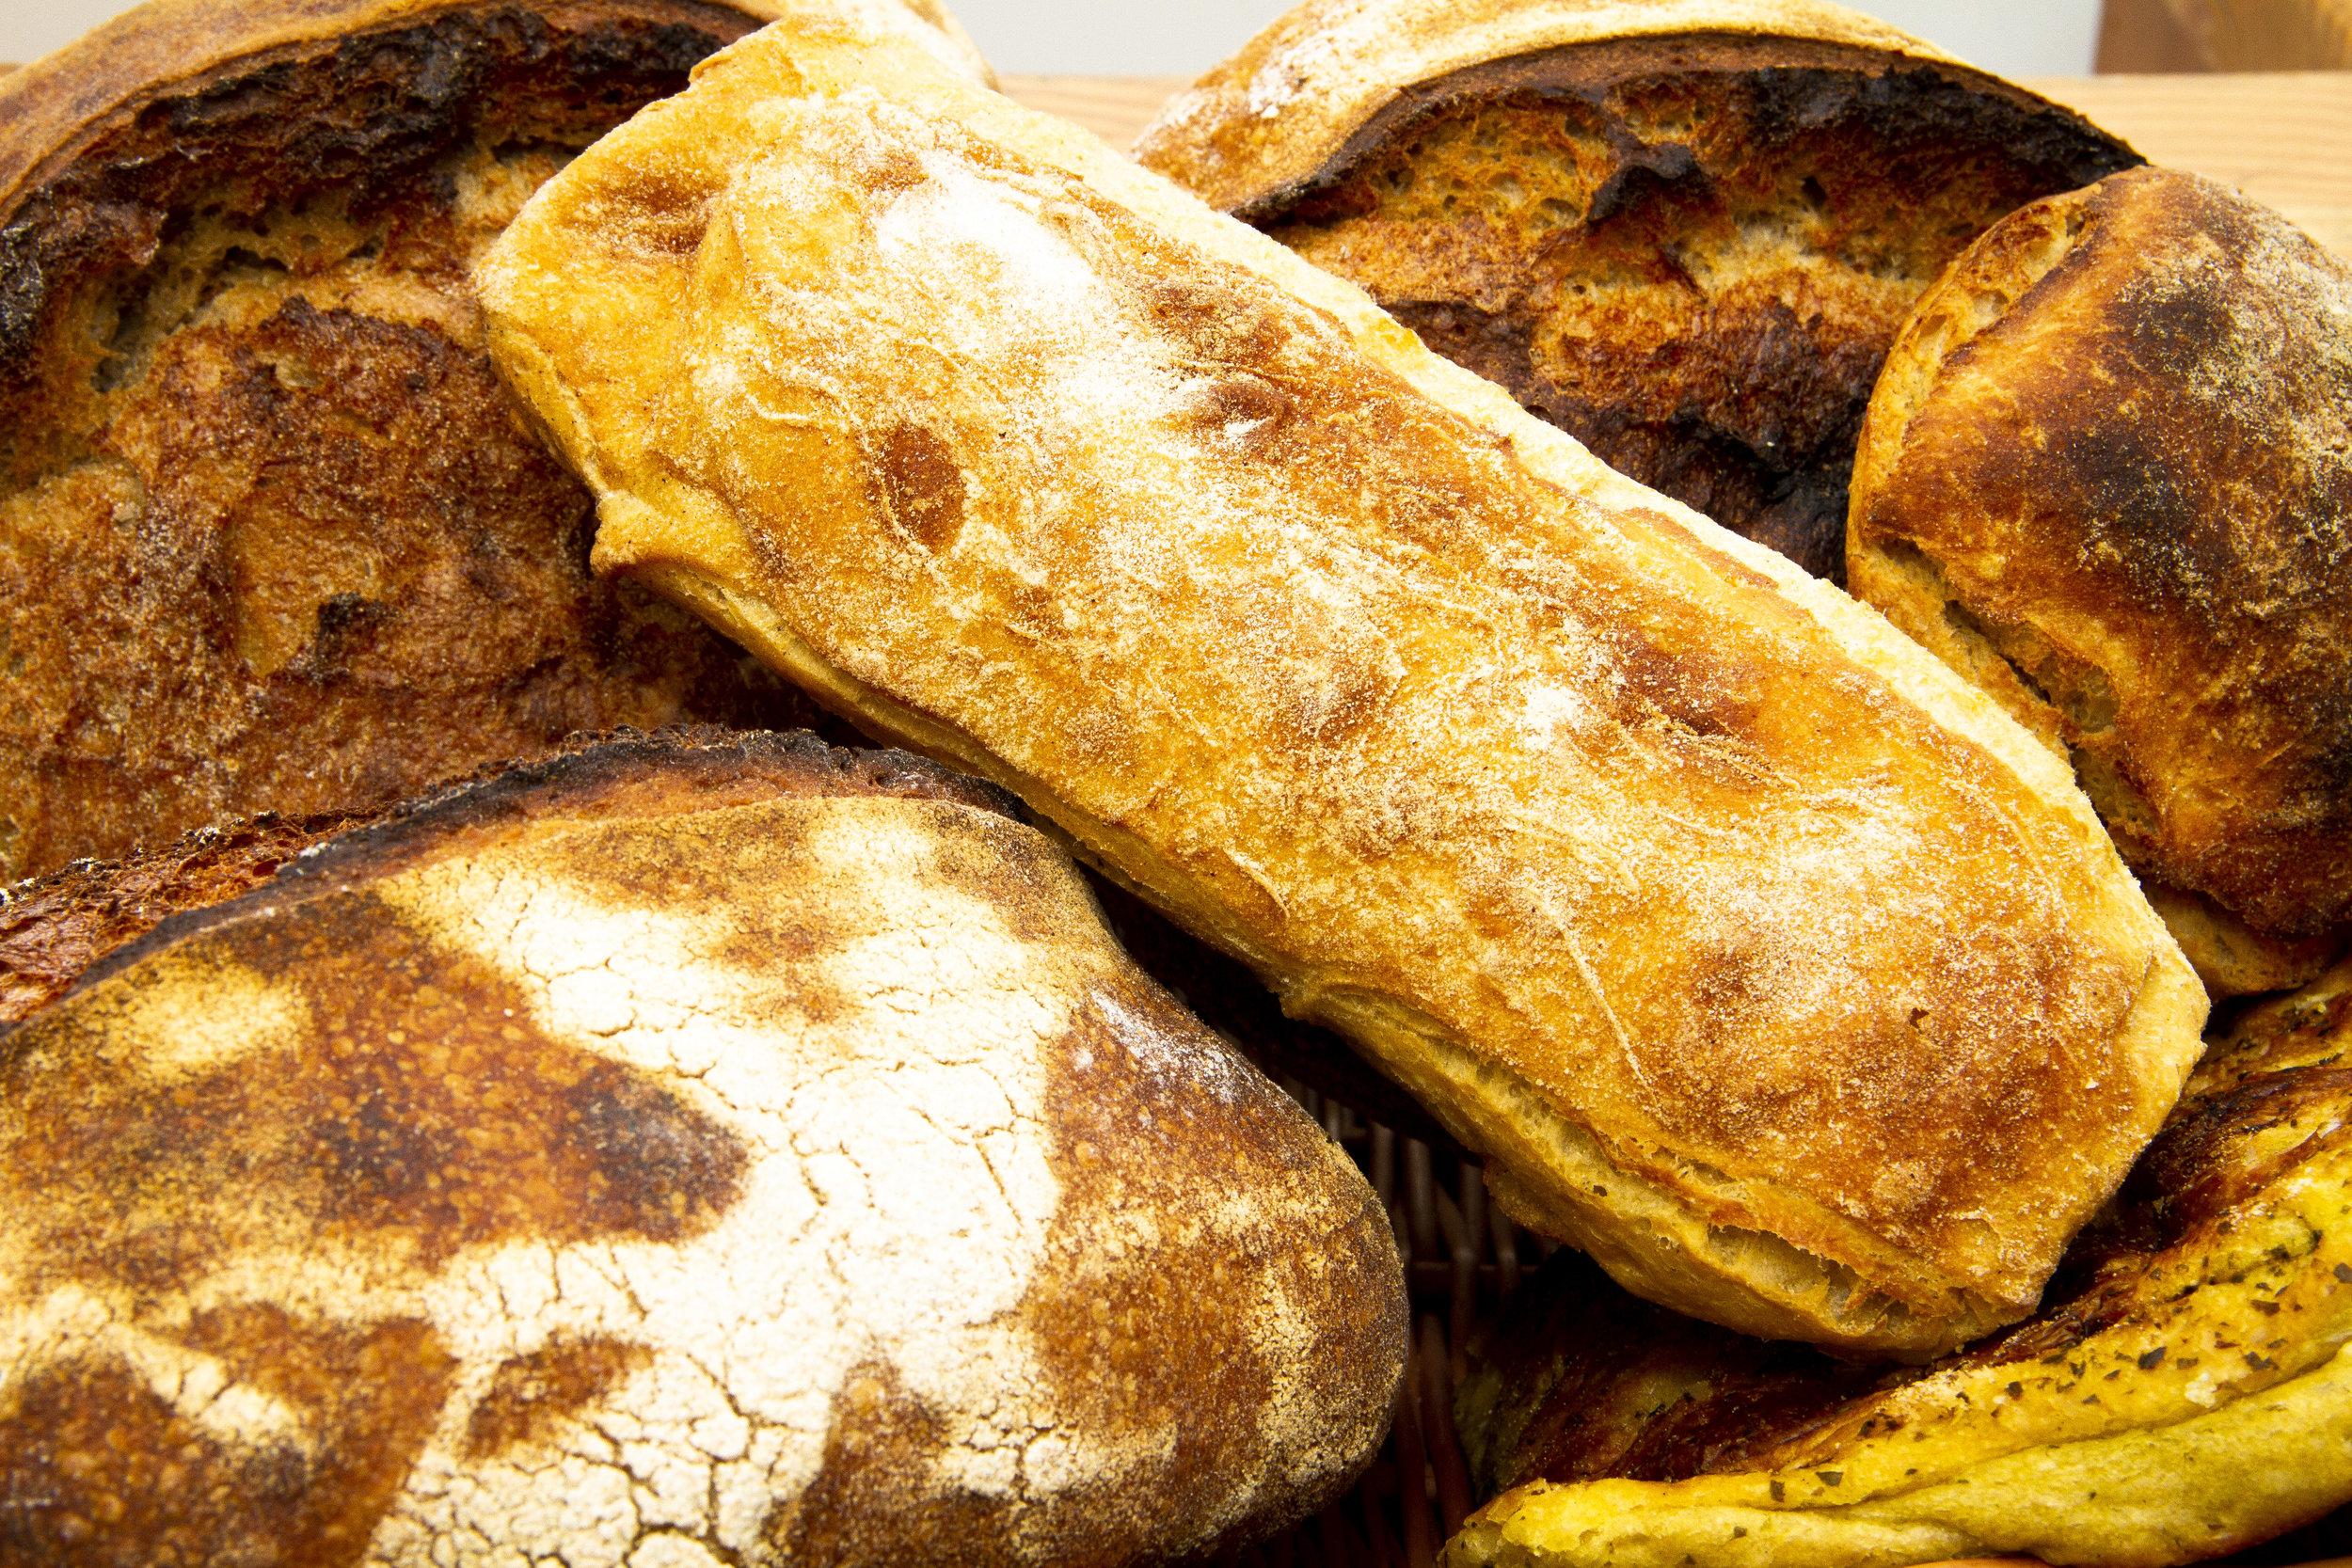 Bakehouse 24 Bread.jpg